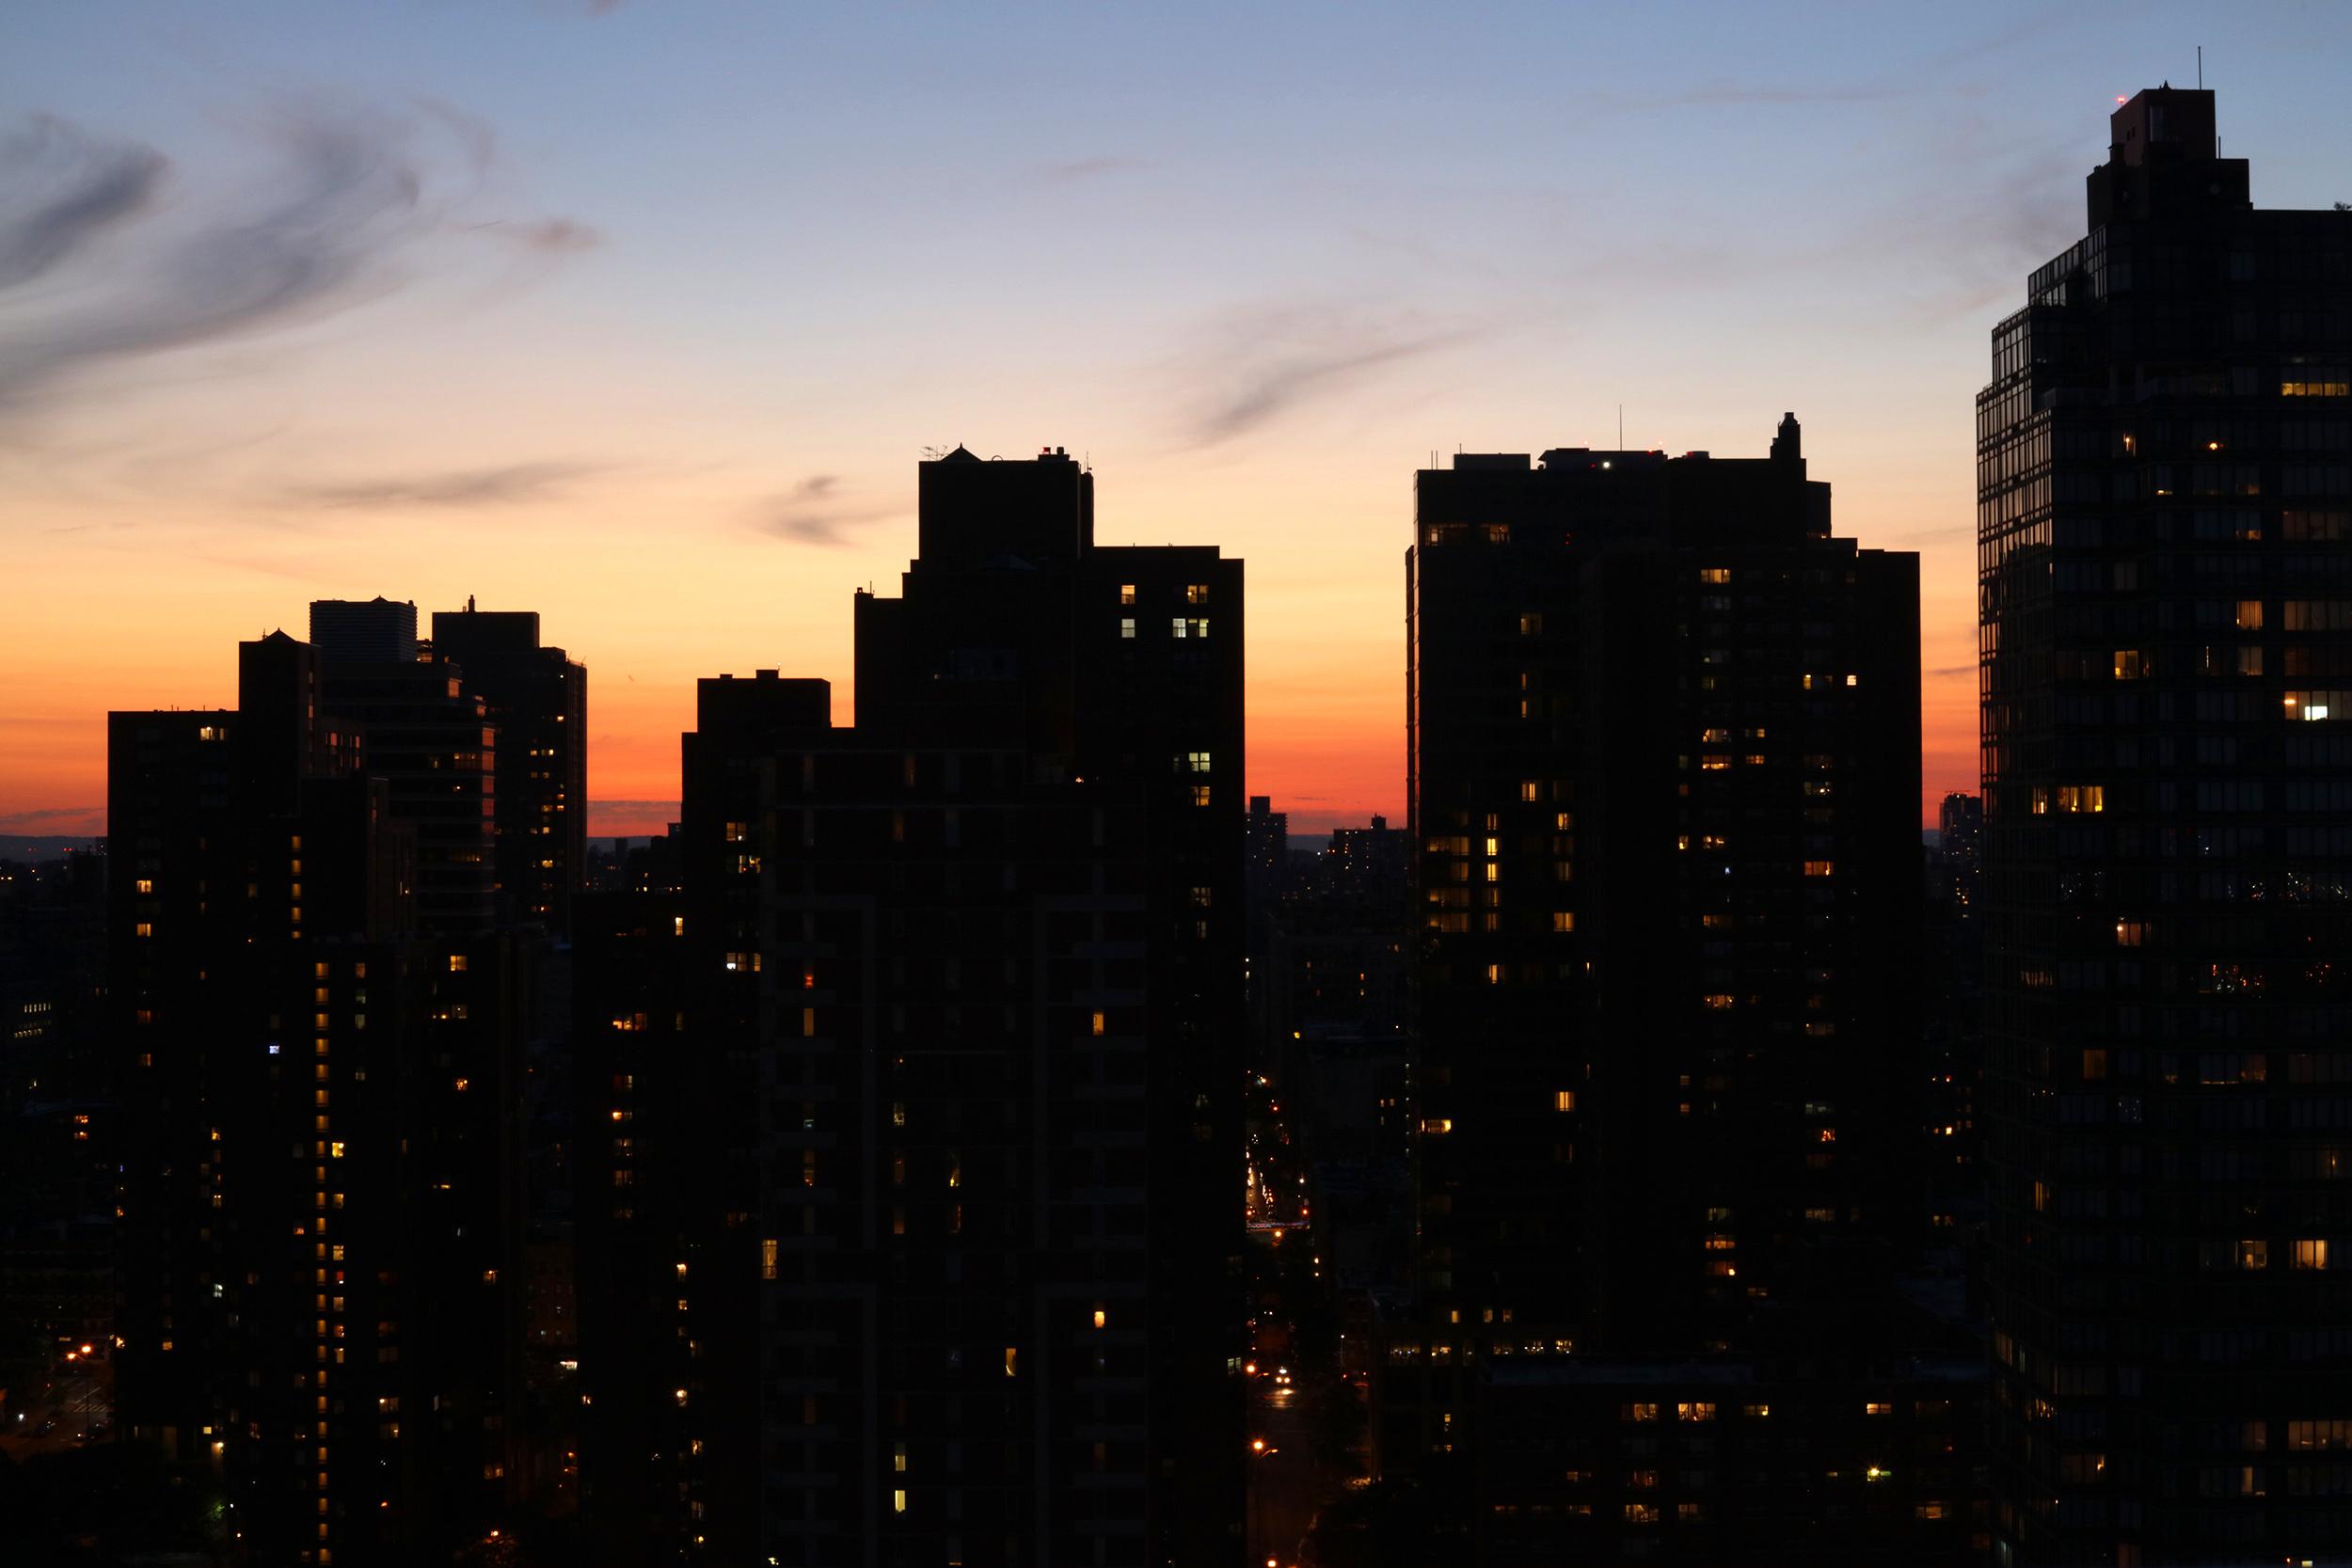 Sunset, Upper East Side